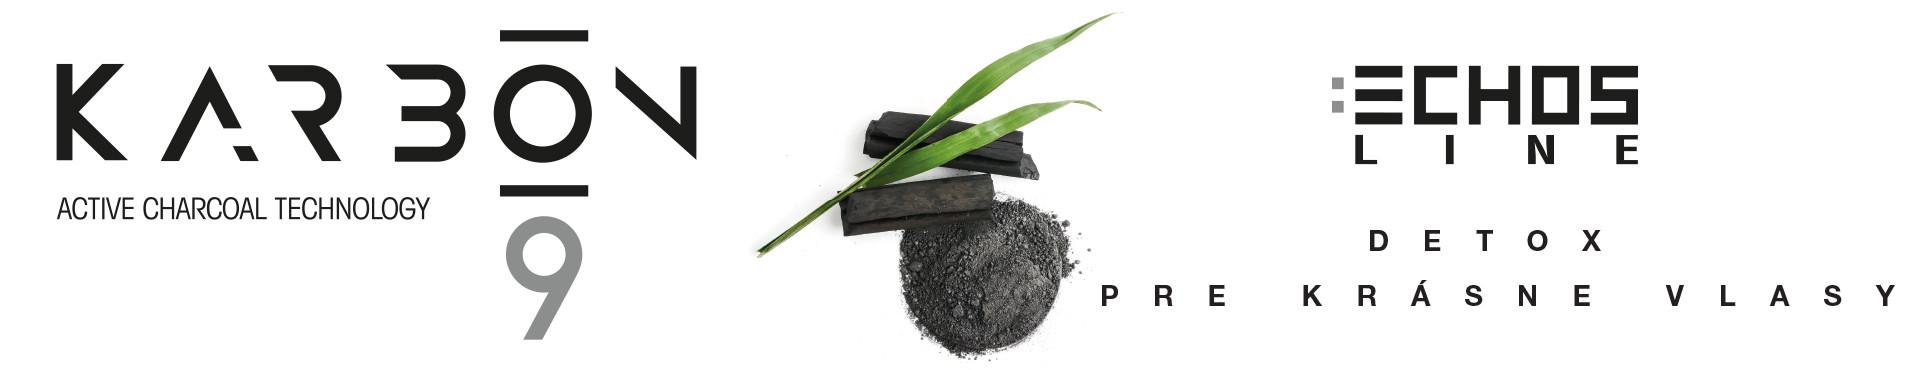 Karbon 9